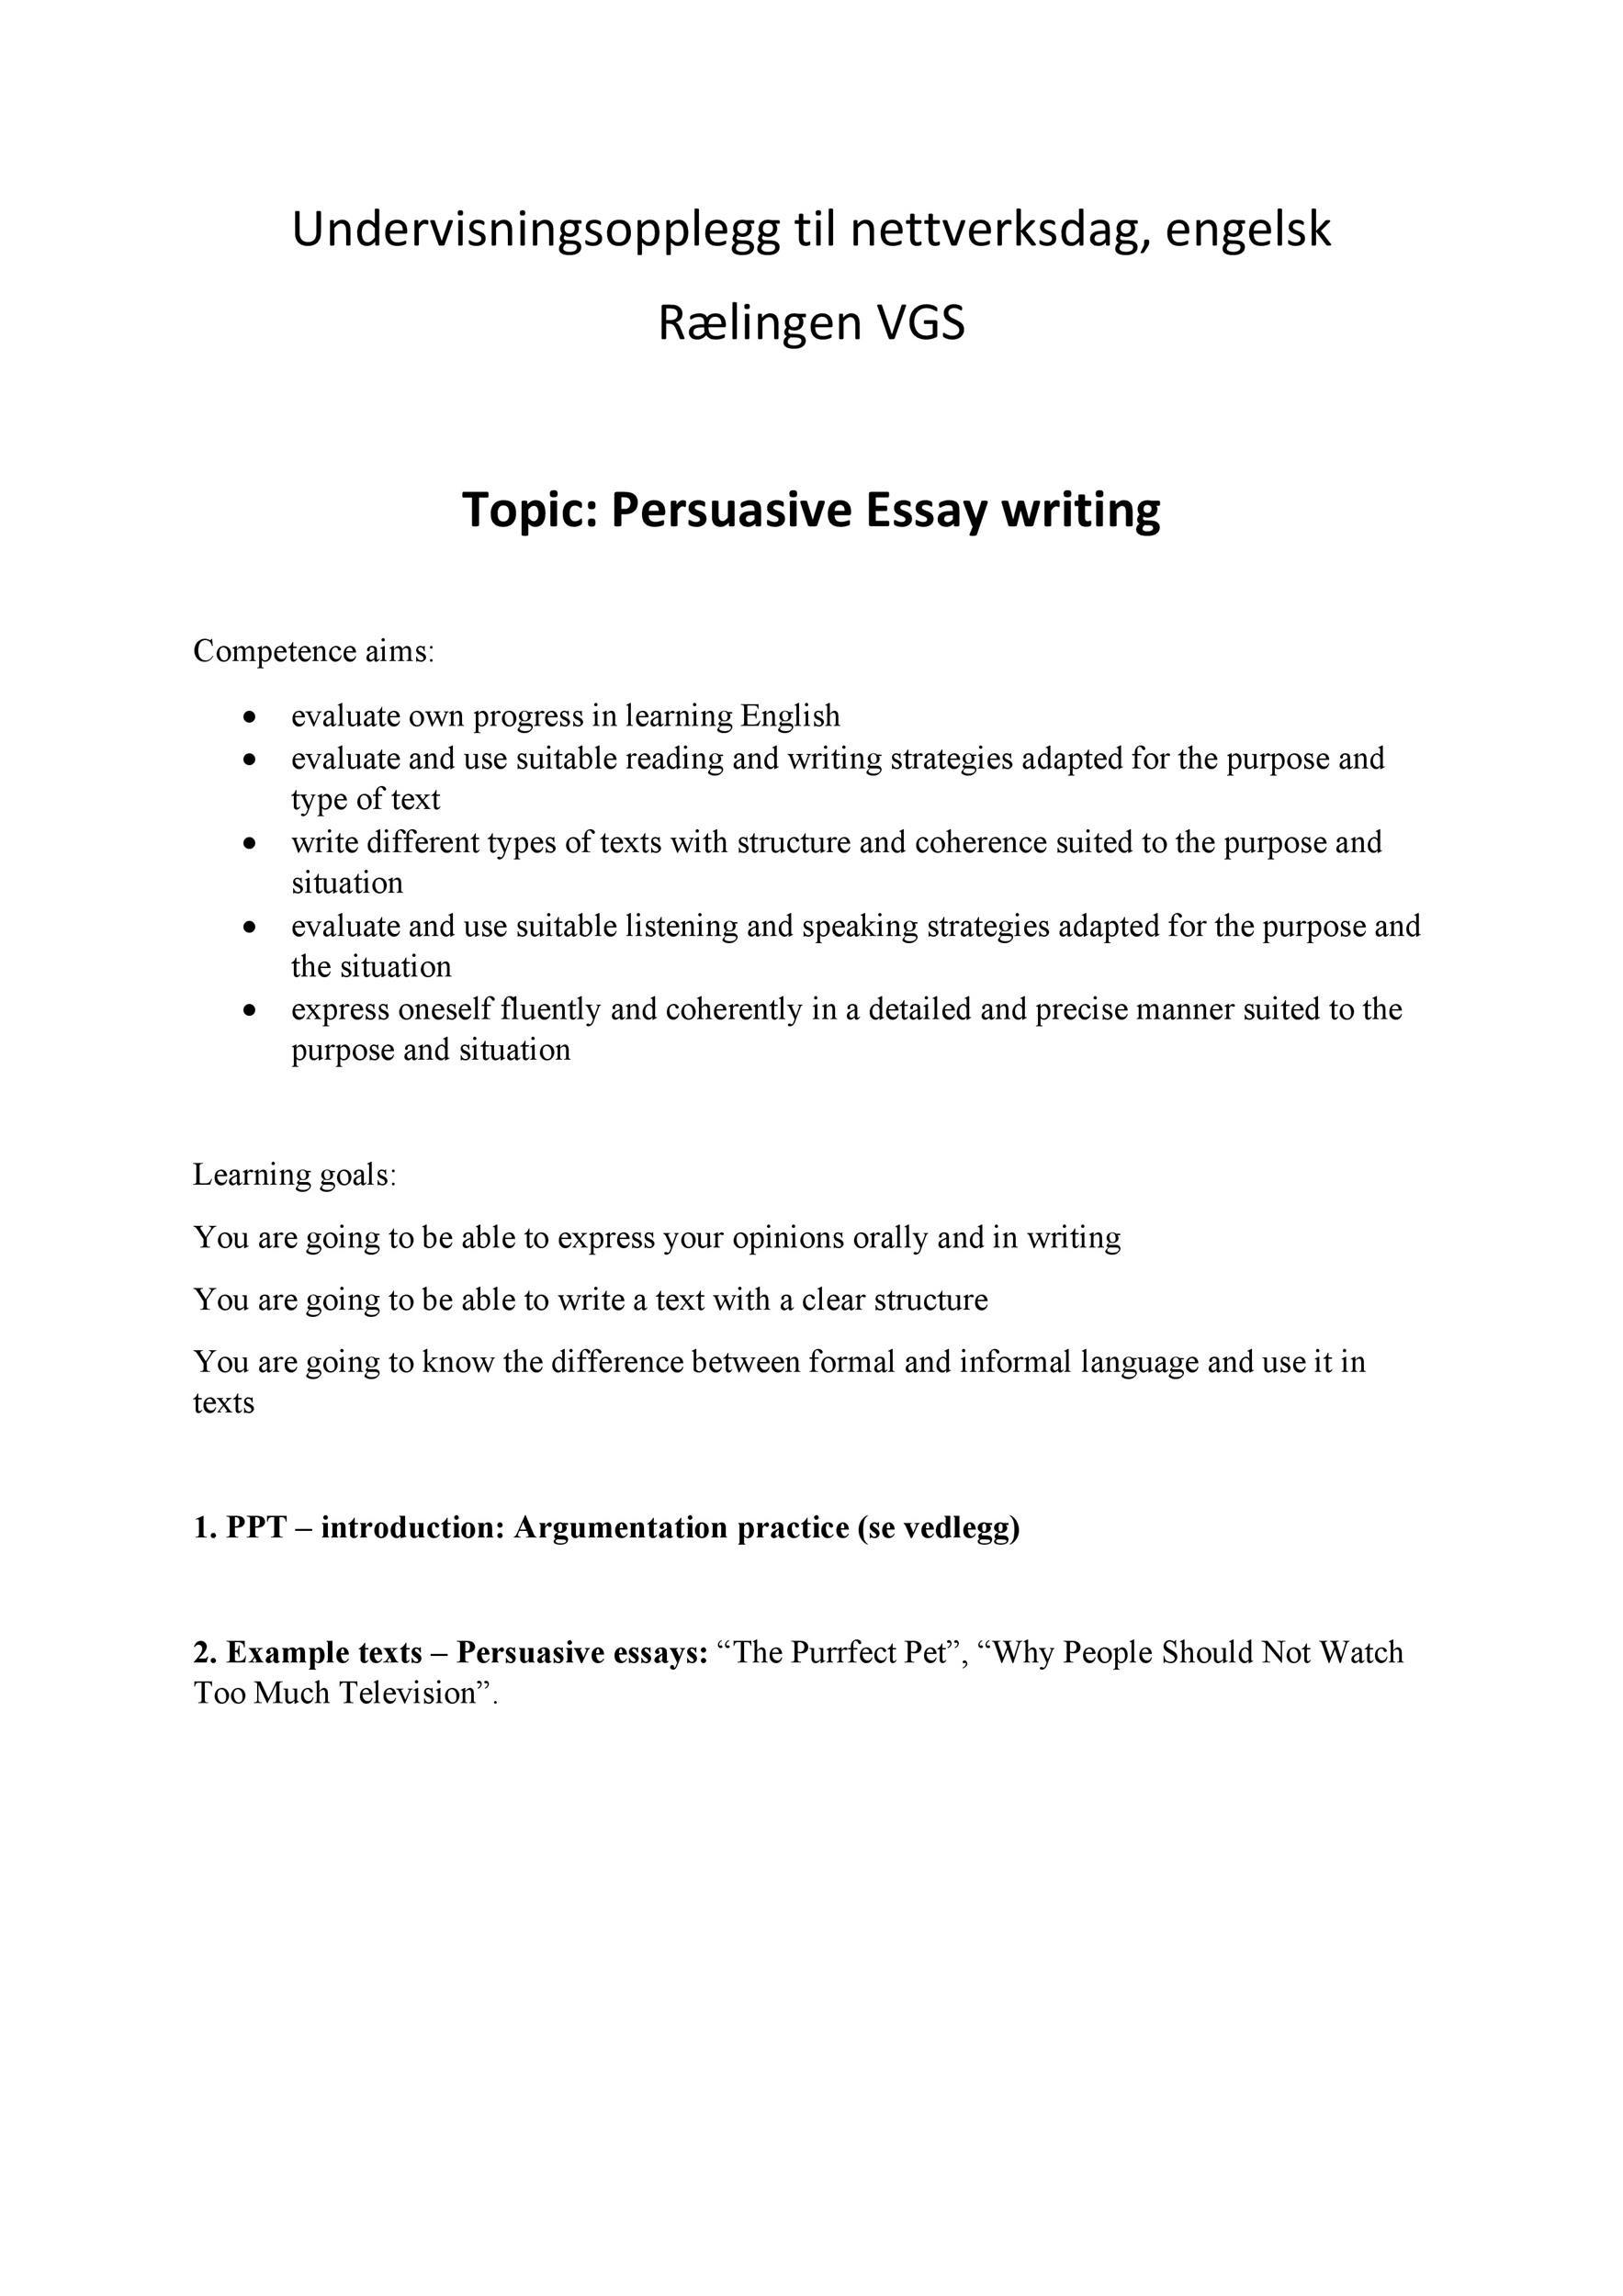 Persuassive essay ideas